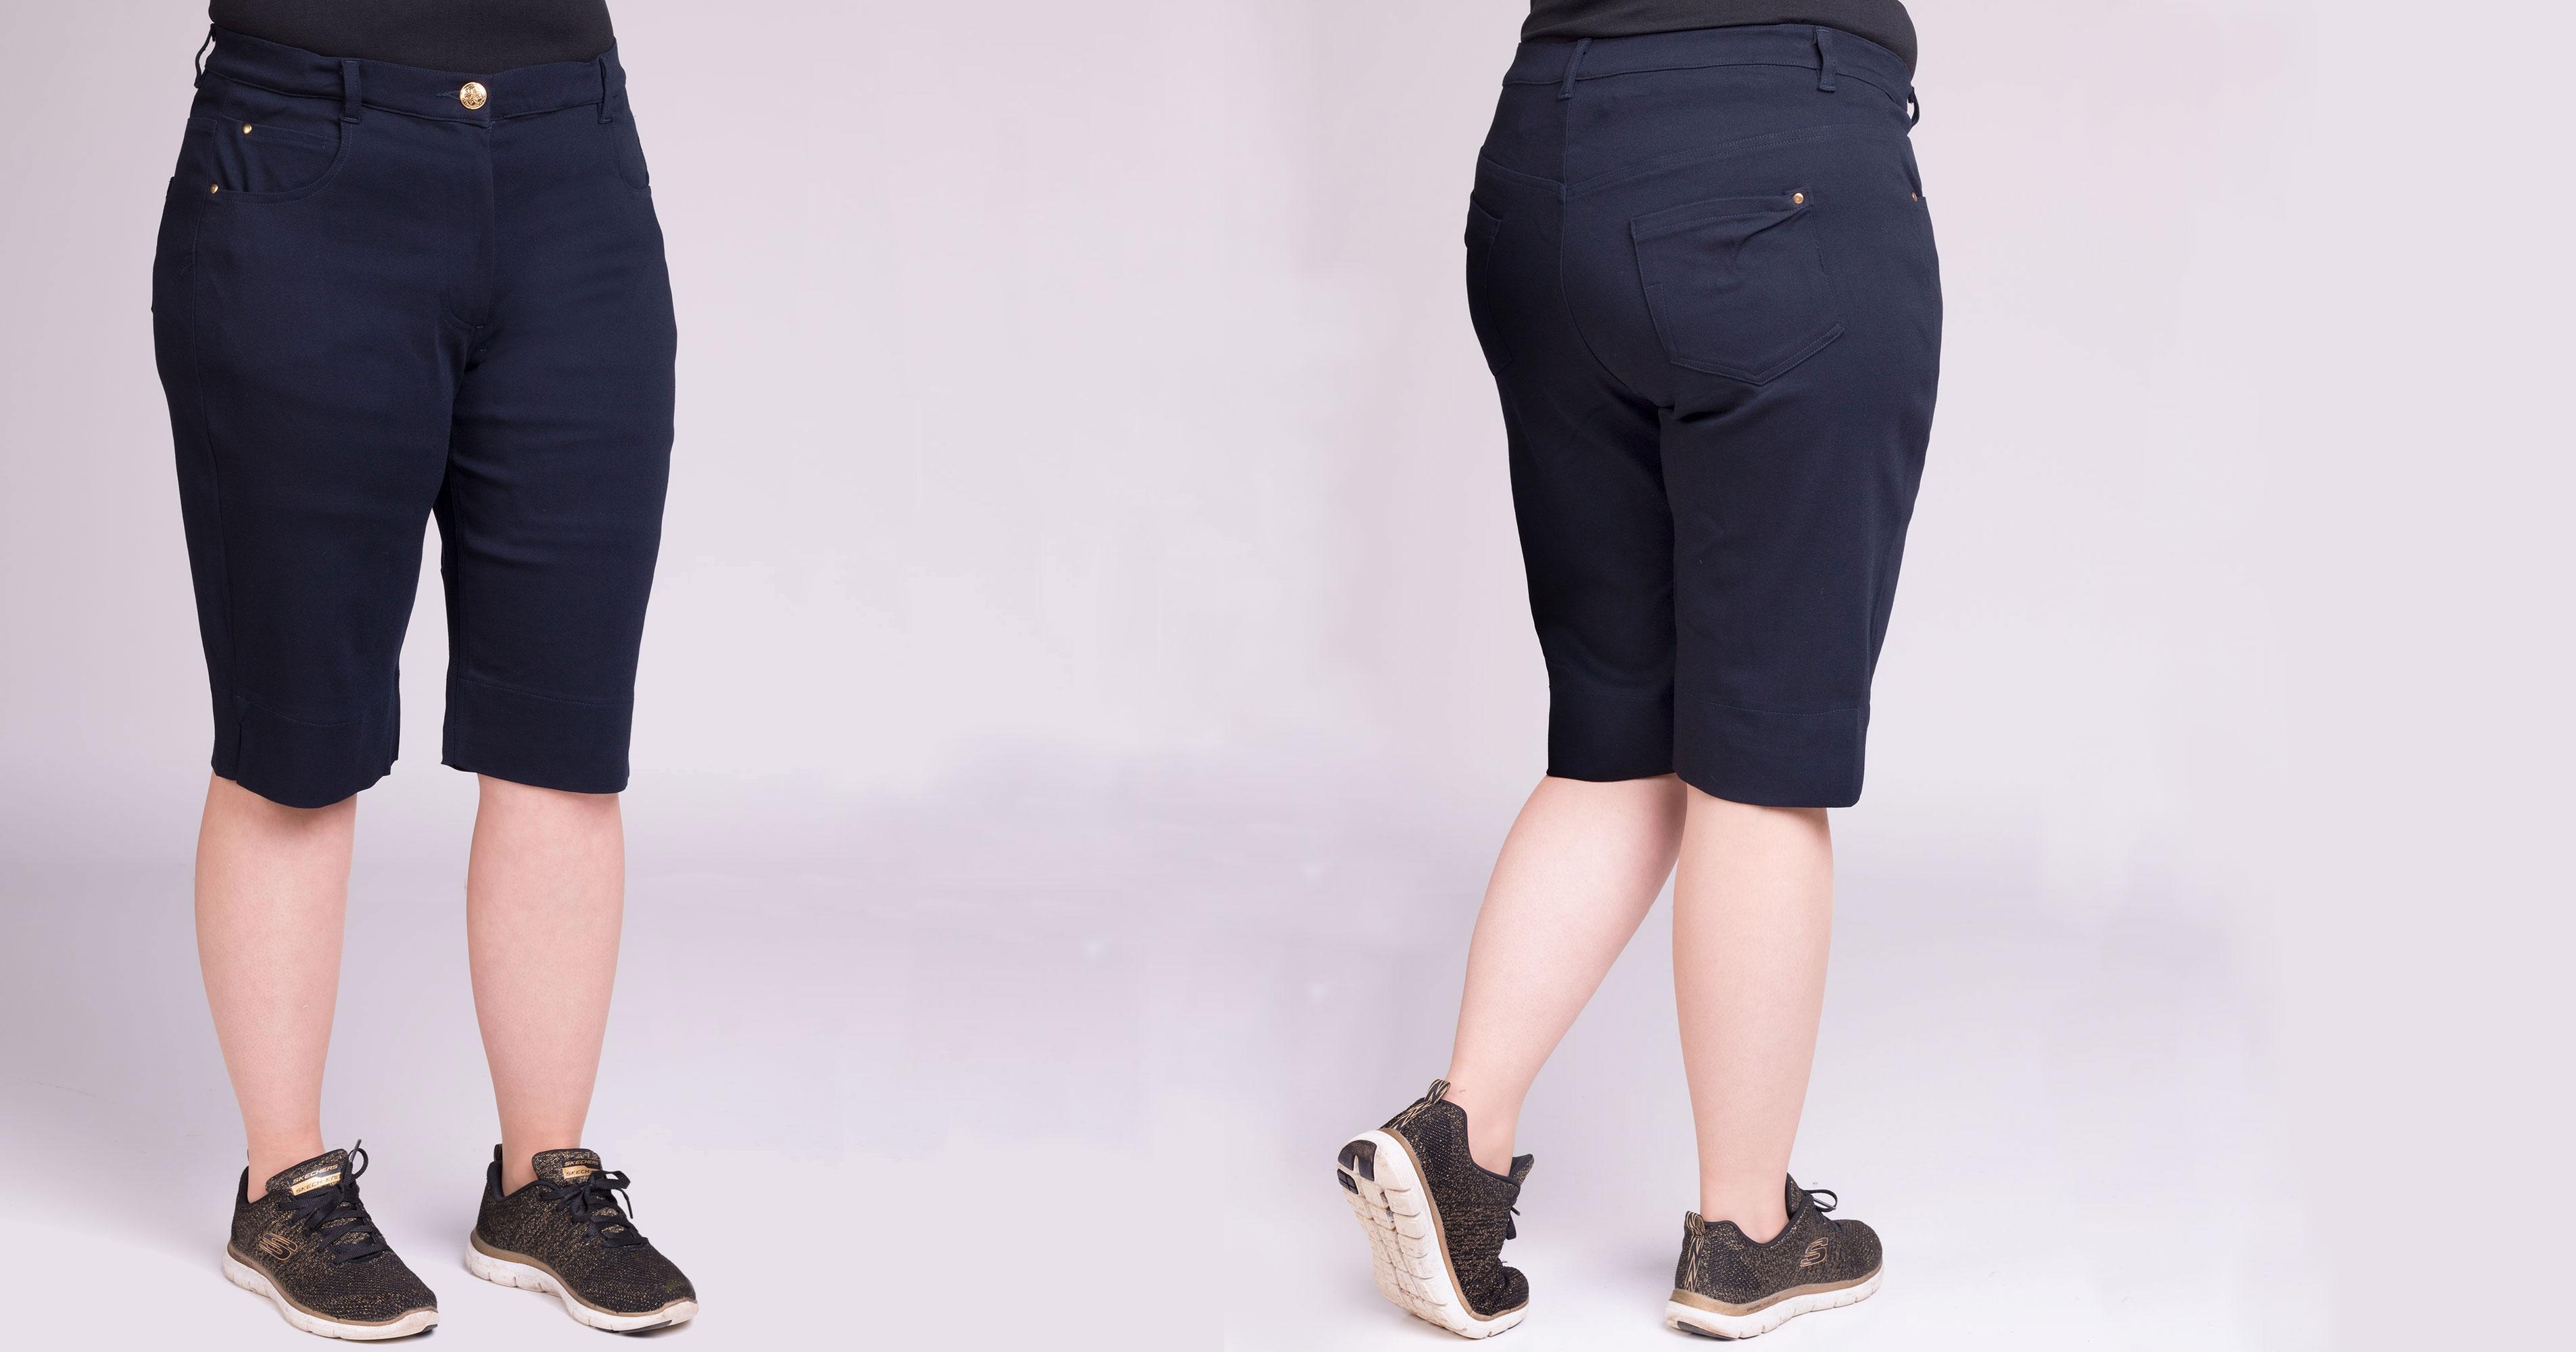 fb16a0b4 Shorts » Shorts og korte bukser i store størrelser - 46 - 40